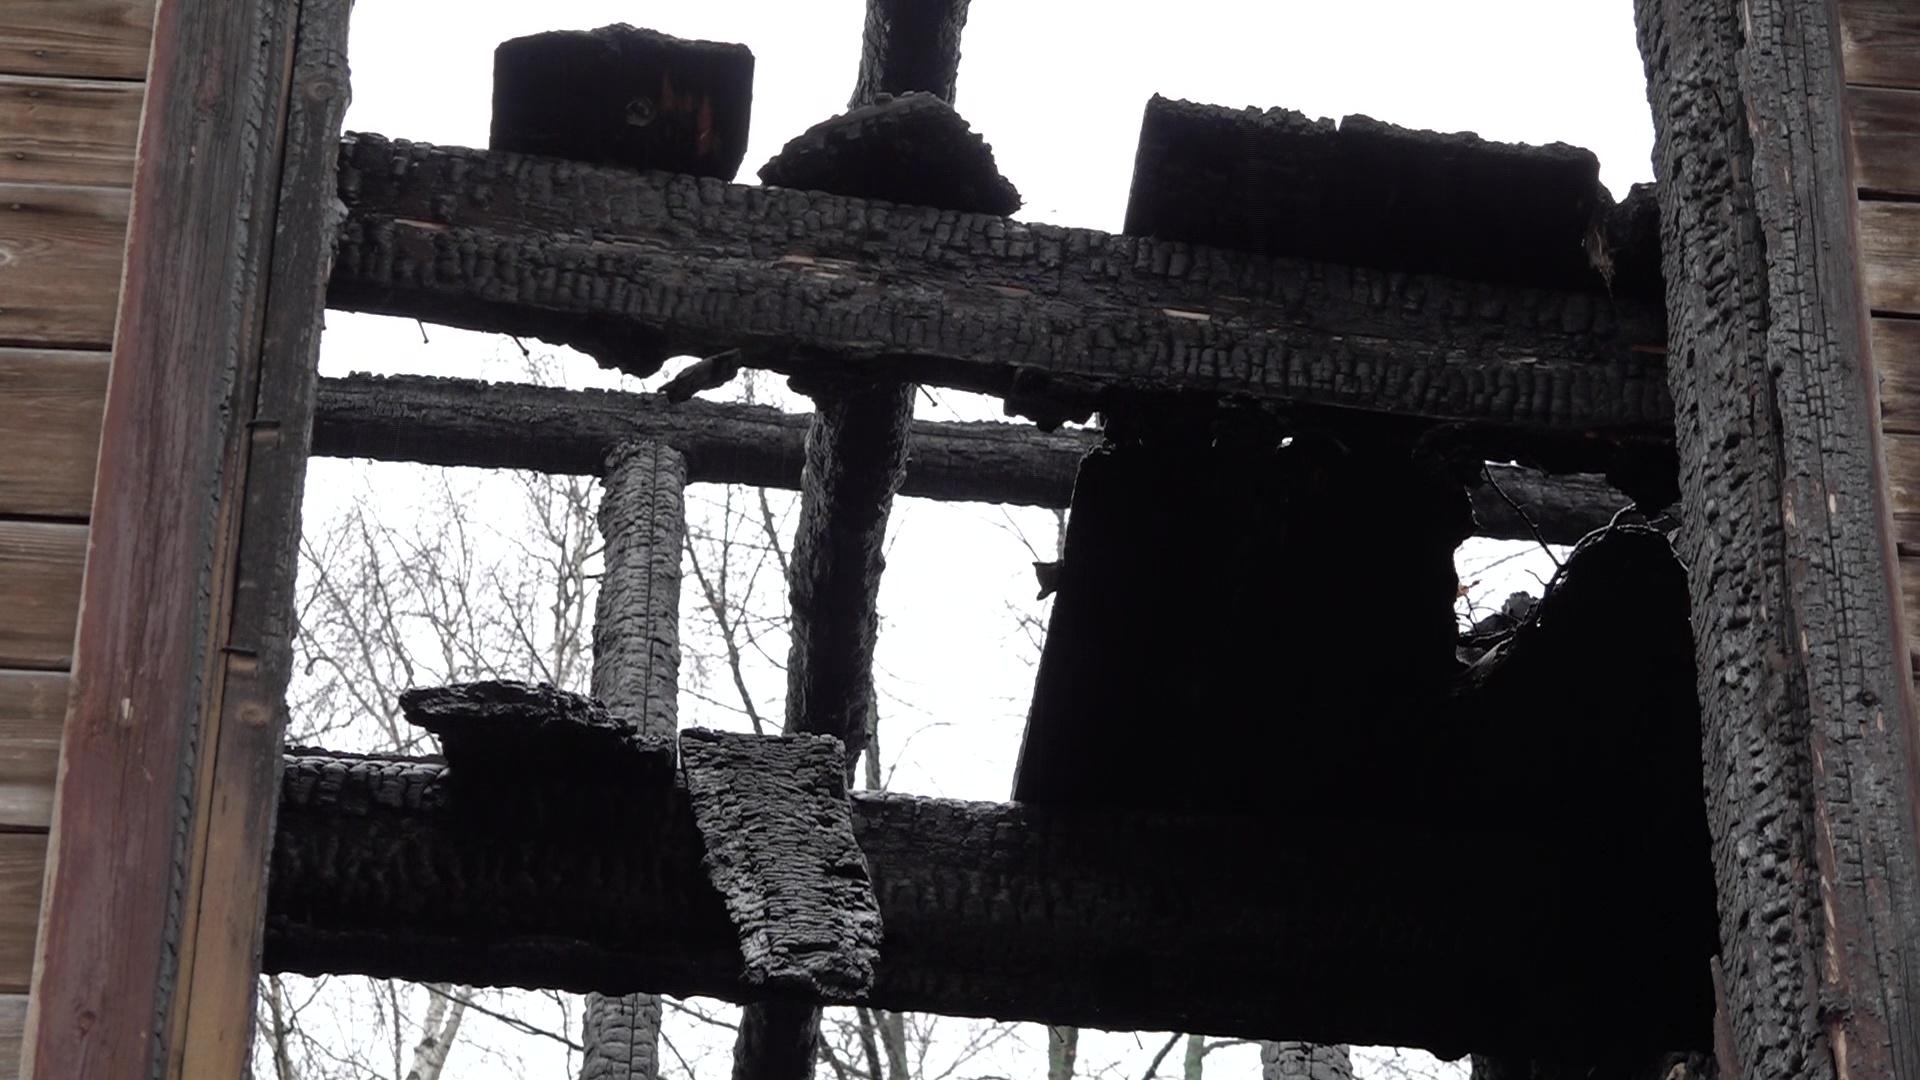 Жители Заволги пожаловались на неубранные расселенные дома, которые облюбовали асоциальные личности